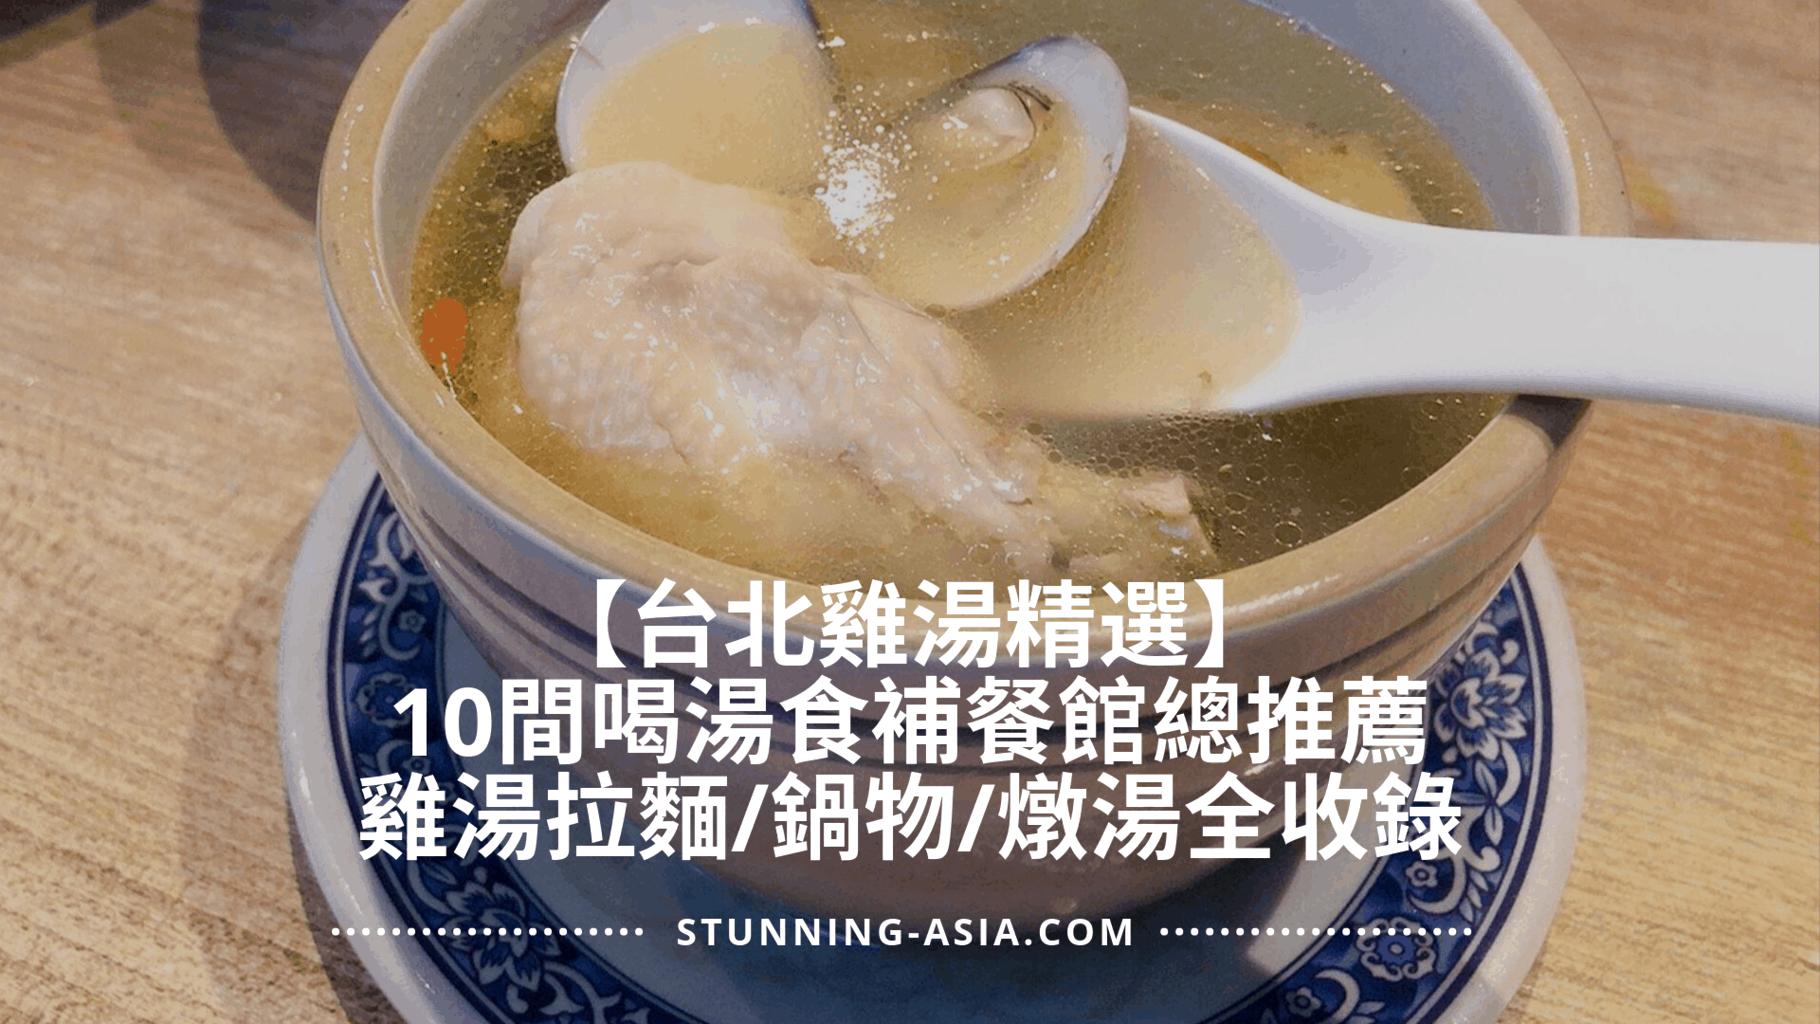 【台北雞湯精選】10間喝湯食補大推薦:雞湯拉麵/鍋物/純燉煲湯全收錄,全面療癒精氣神